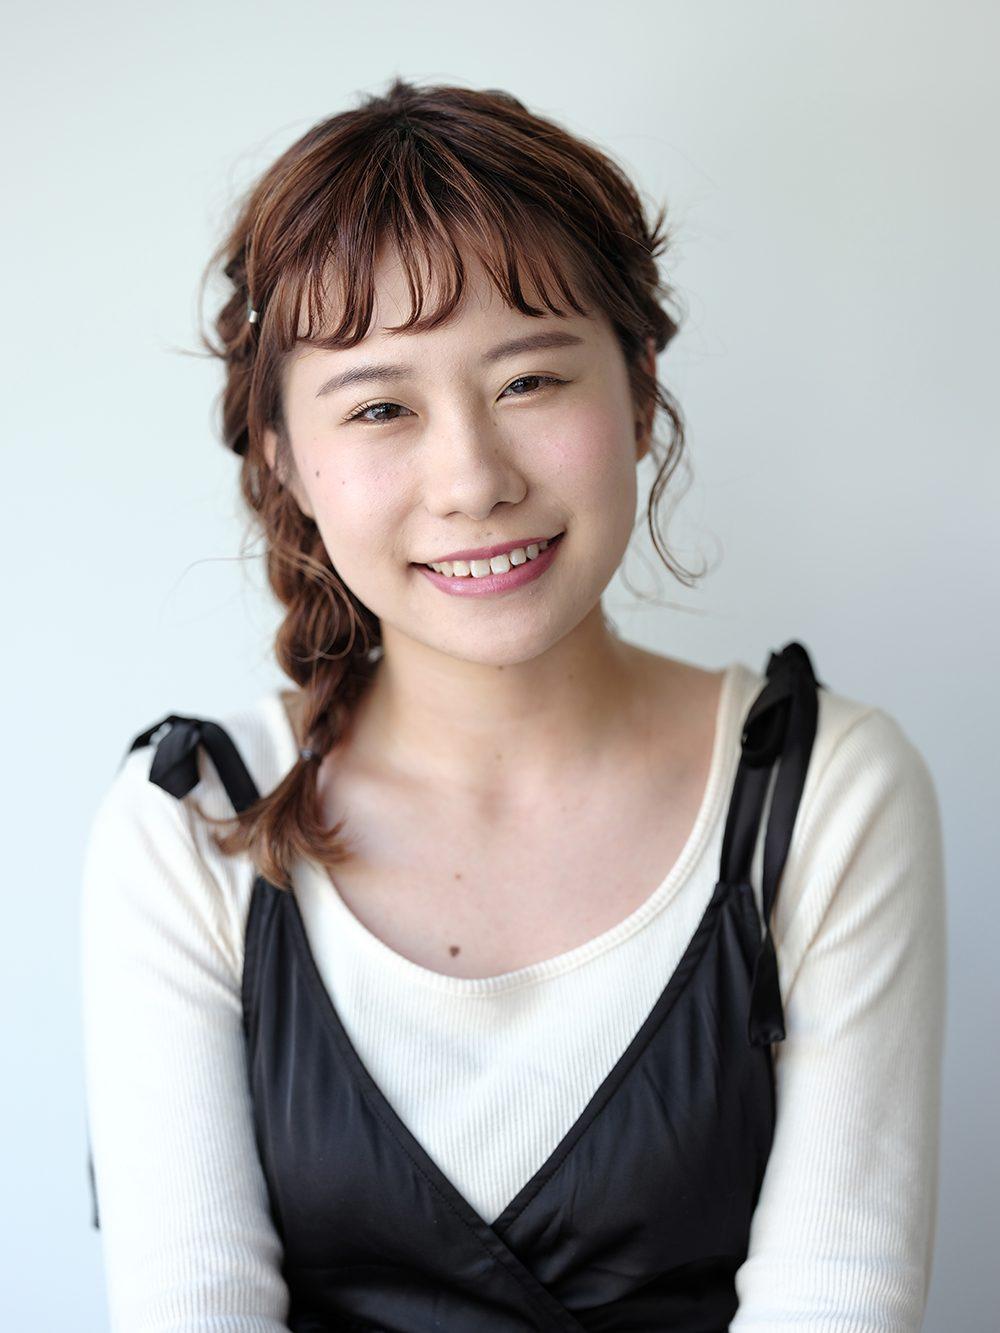 MIO SAKAMOTO/Assistant